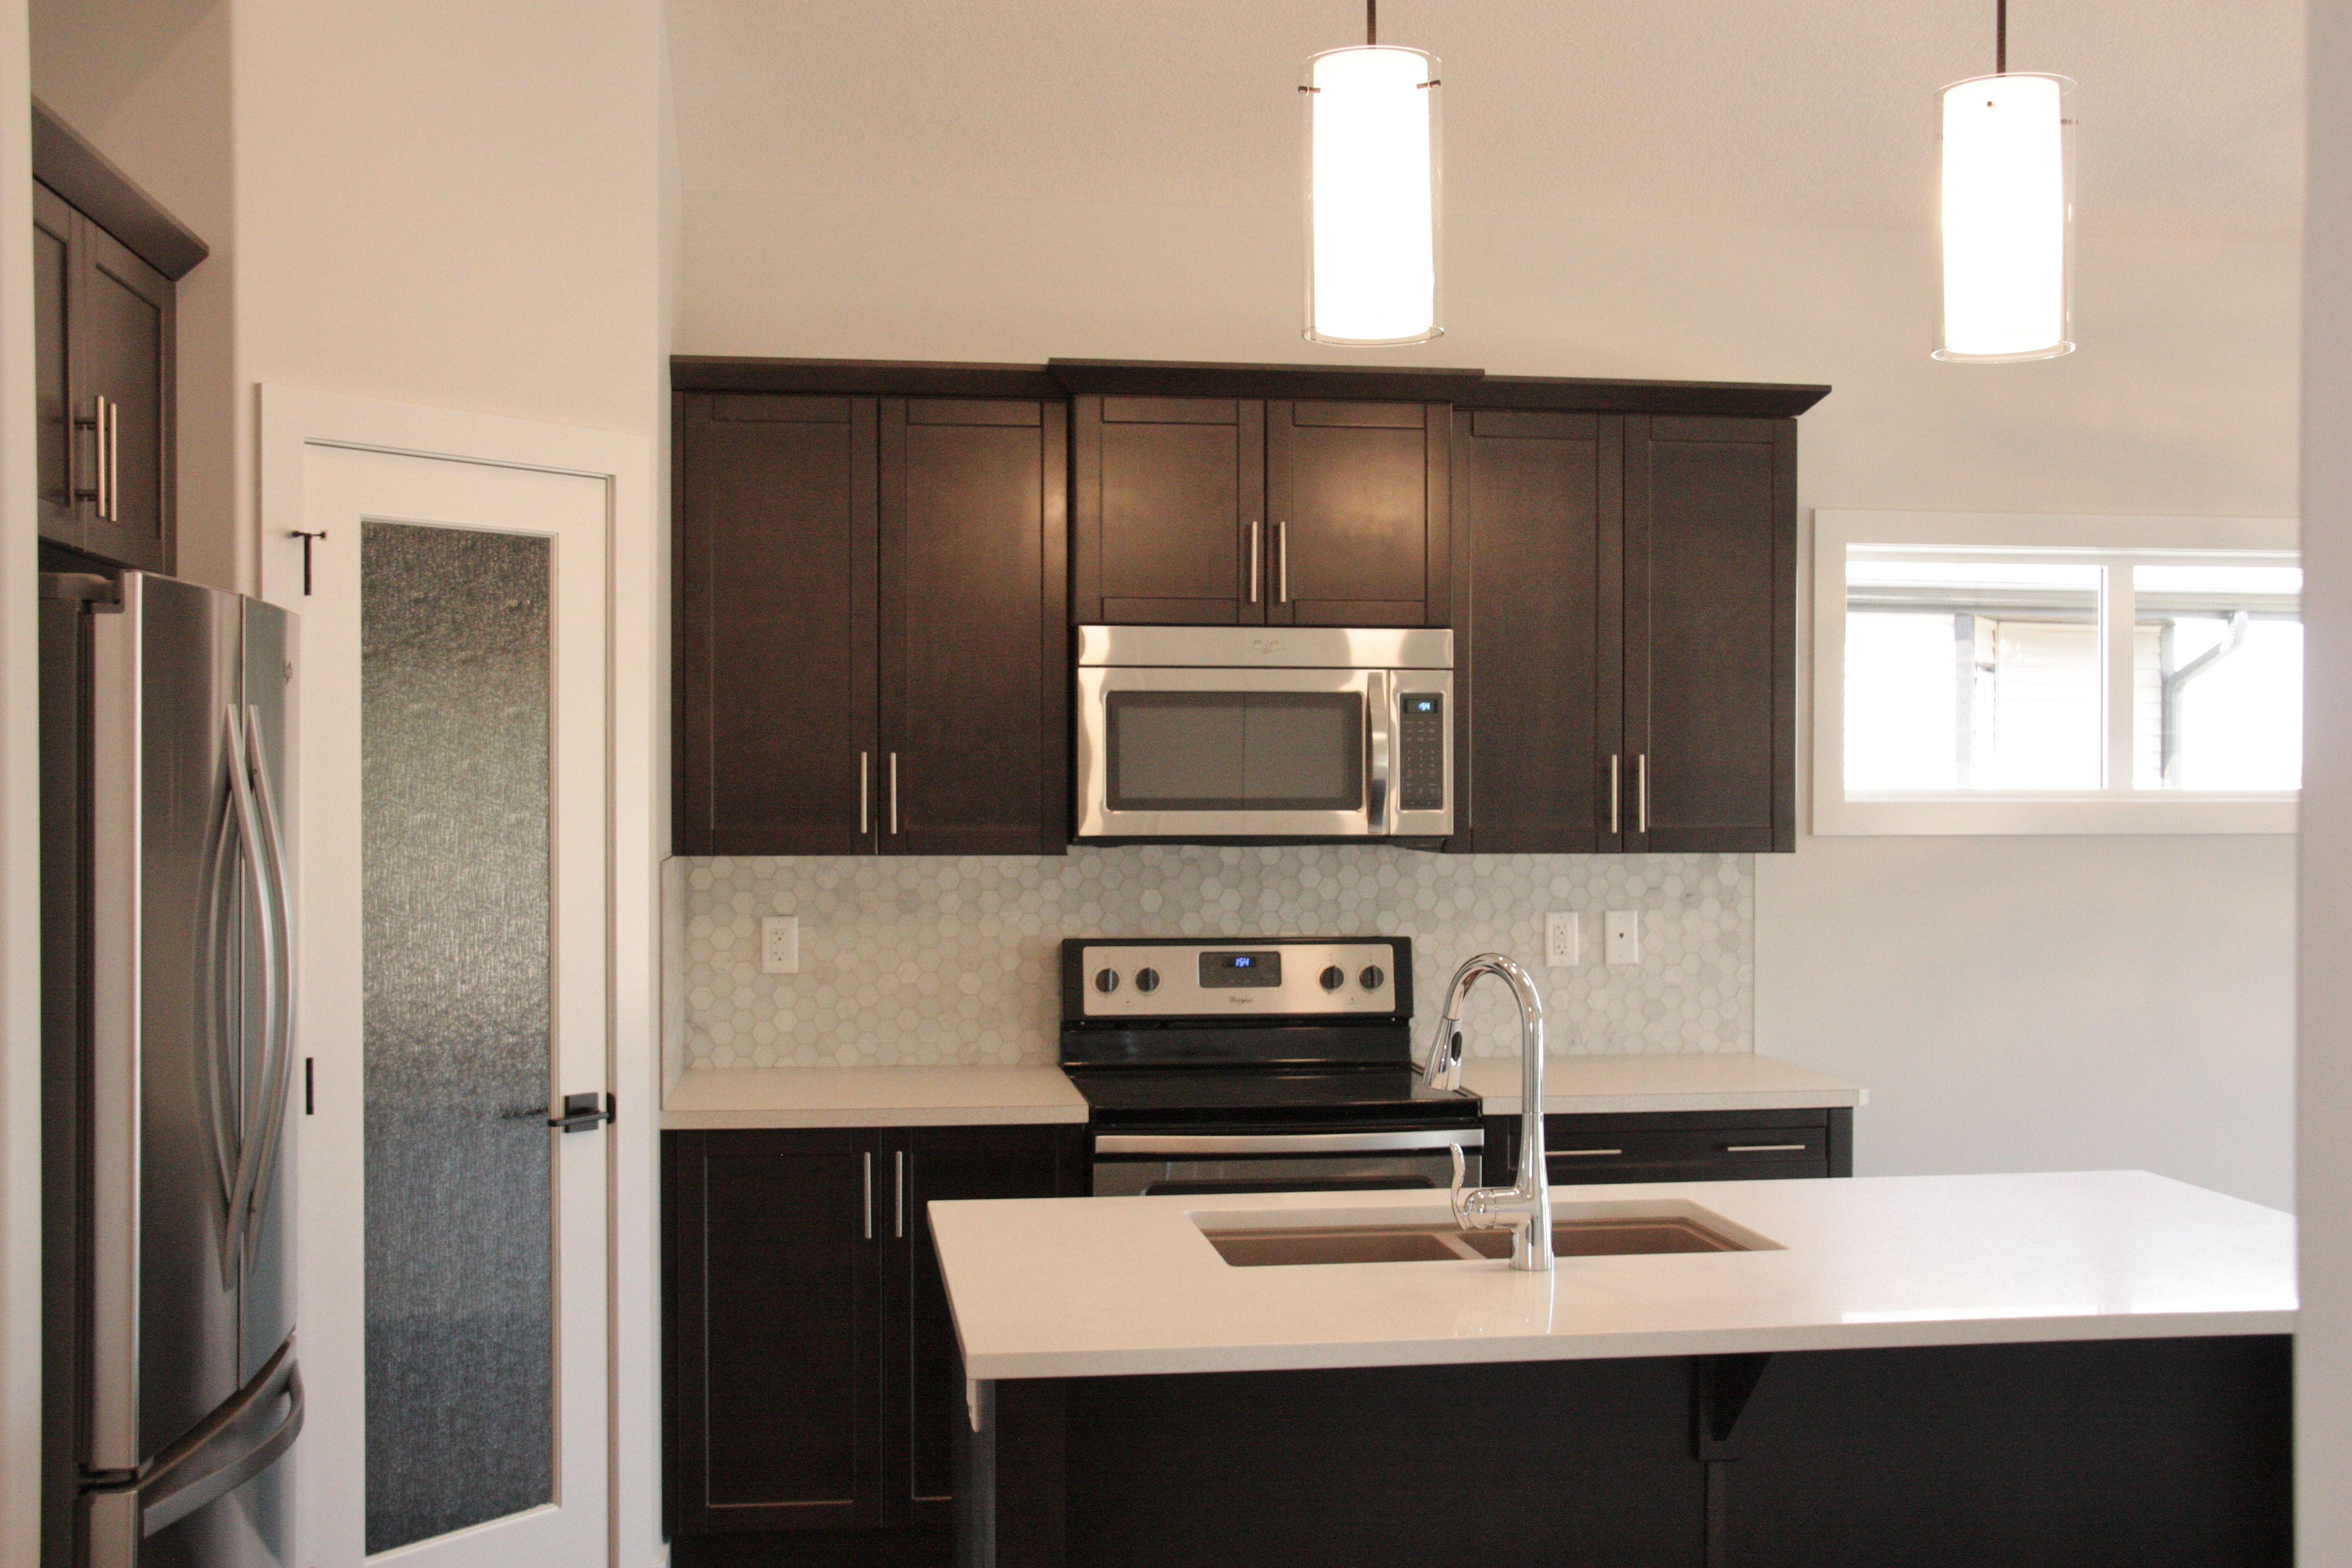 Best New Kitchen Dark Brown Cabinets White Quartz Island And 400 x 300